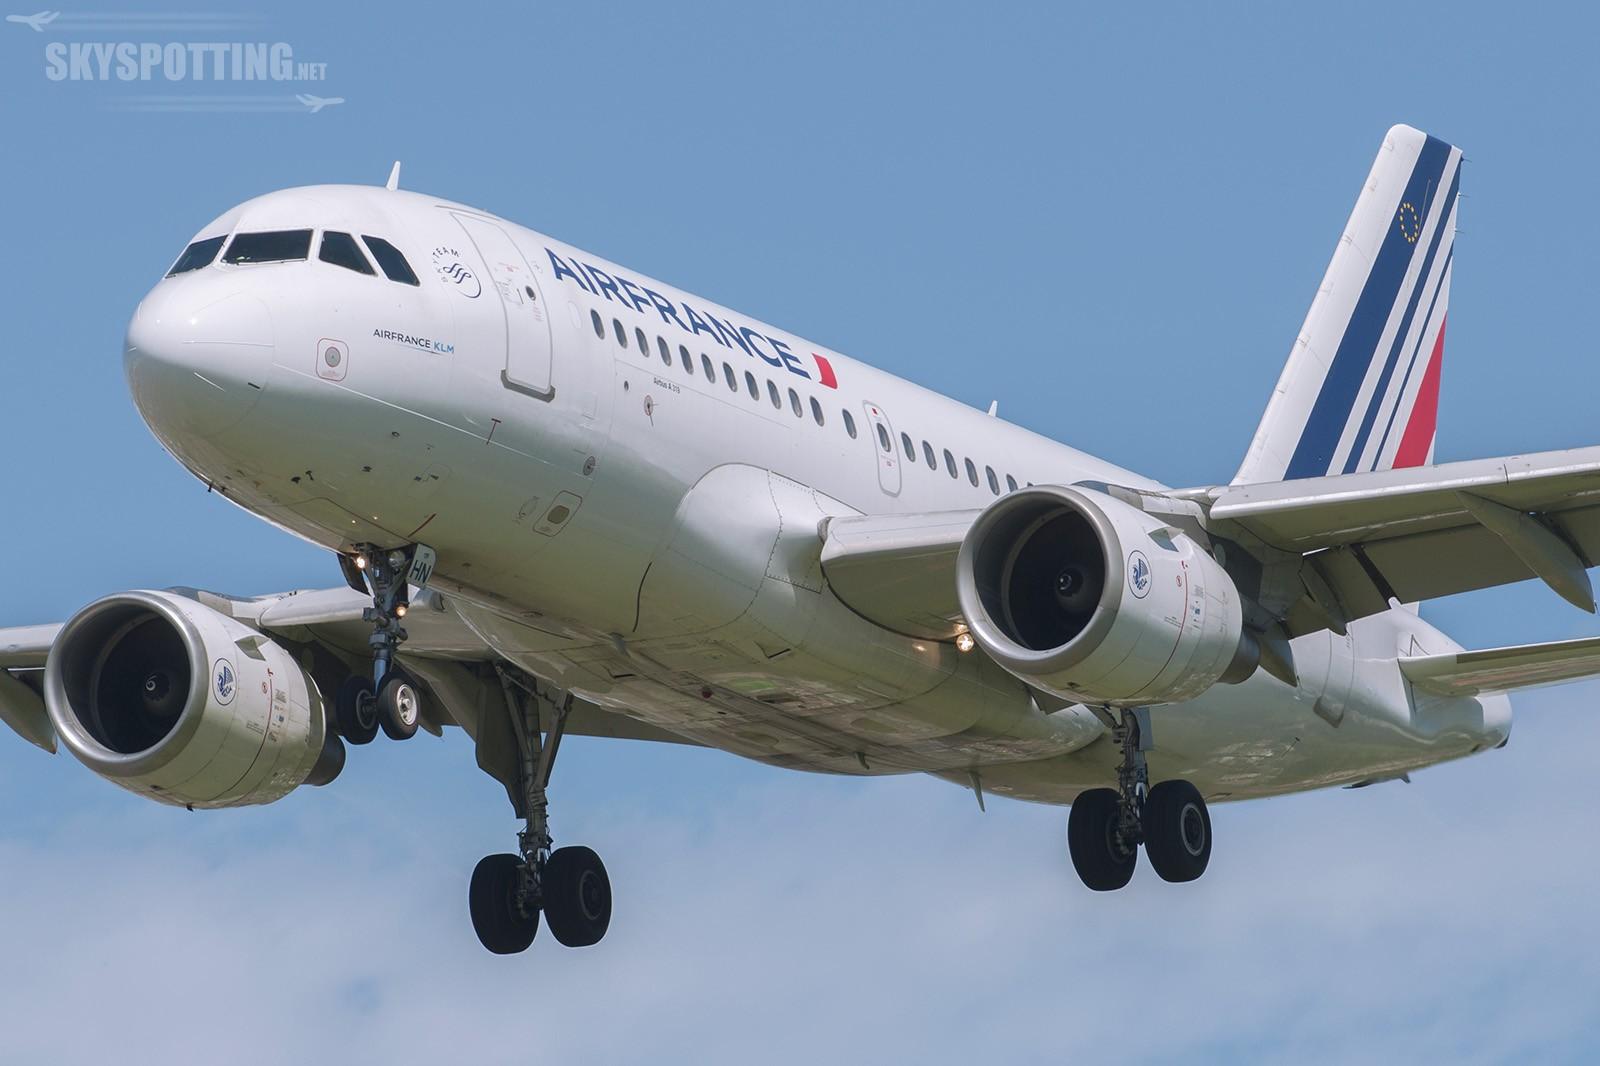 Nowa strategia Air France na rzecz zrównoważonego rozwoju:  Horyzont 2030